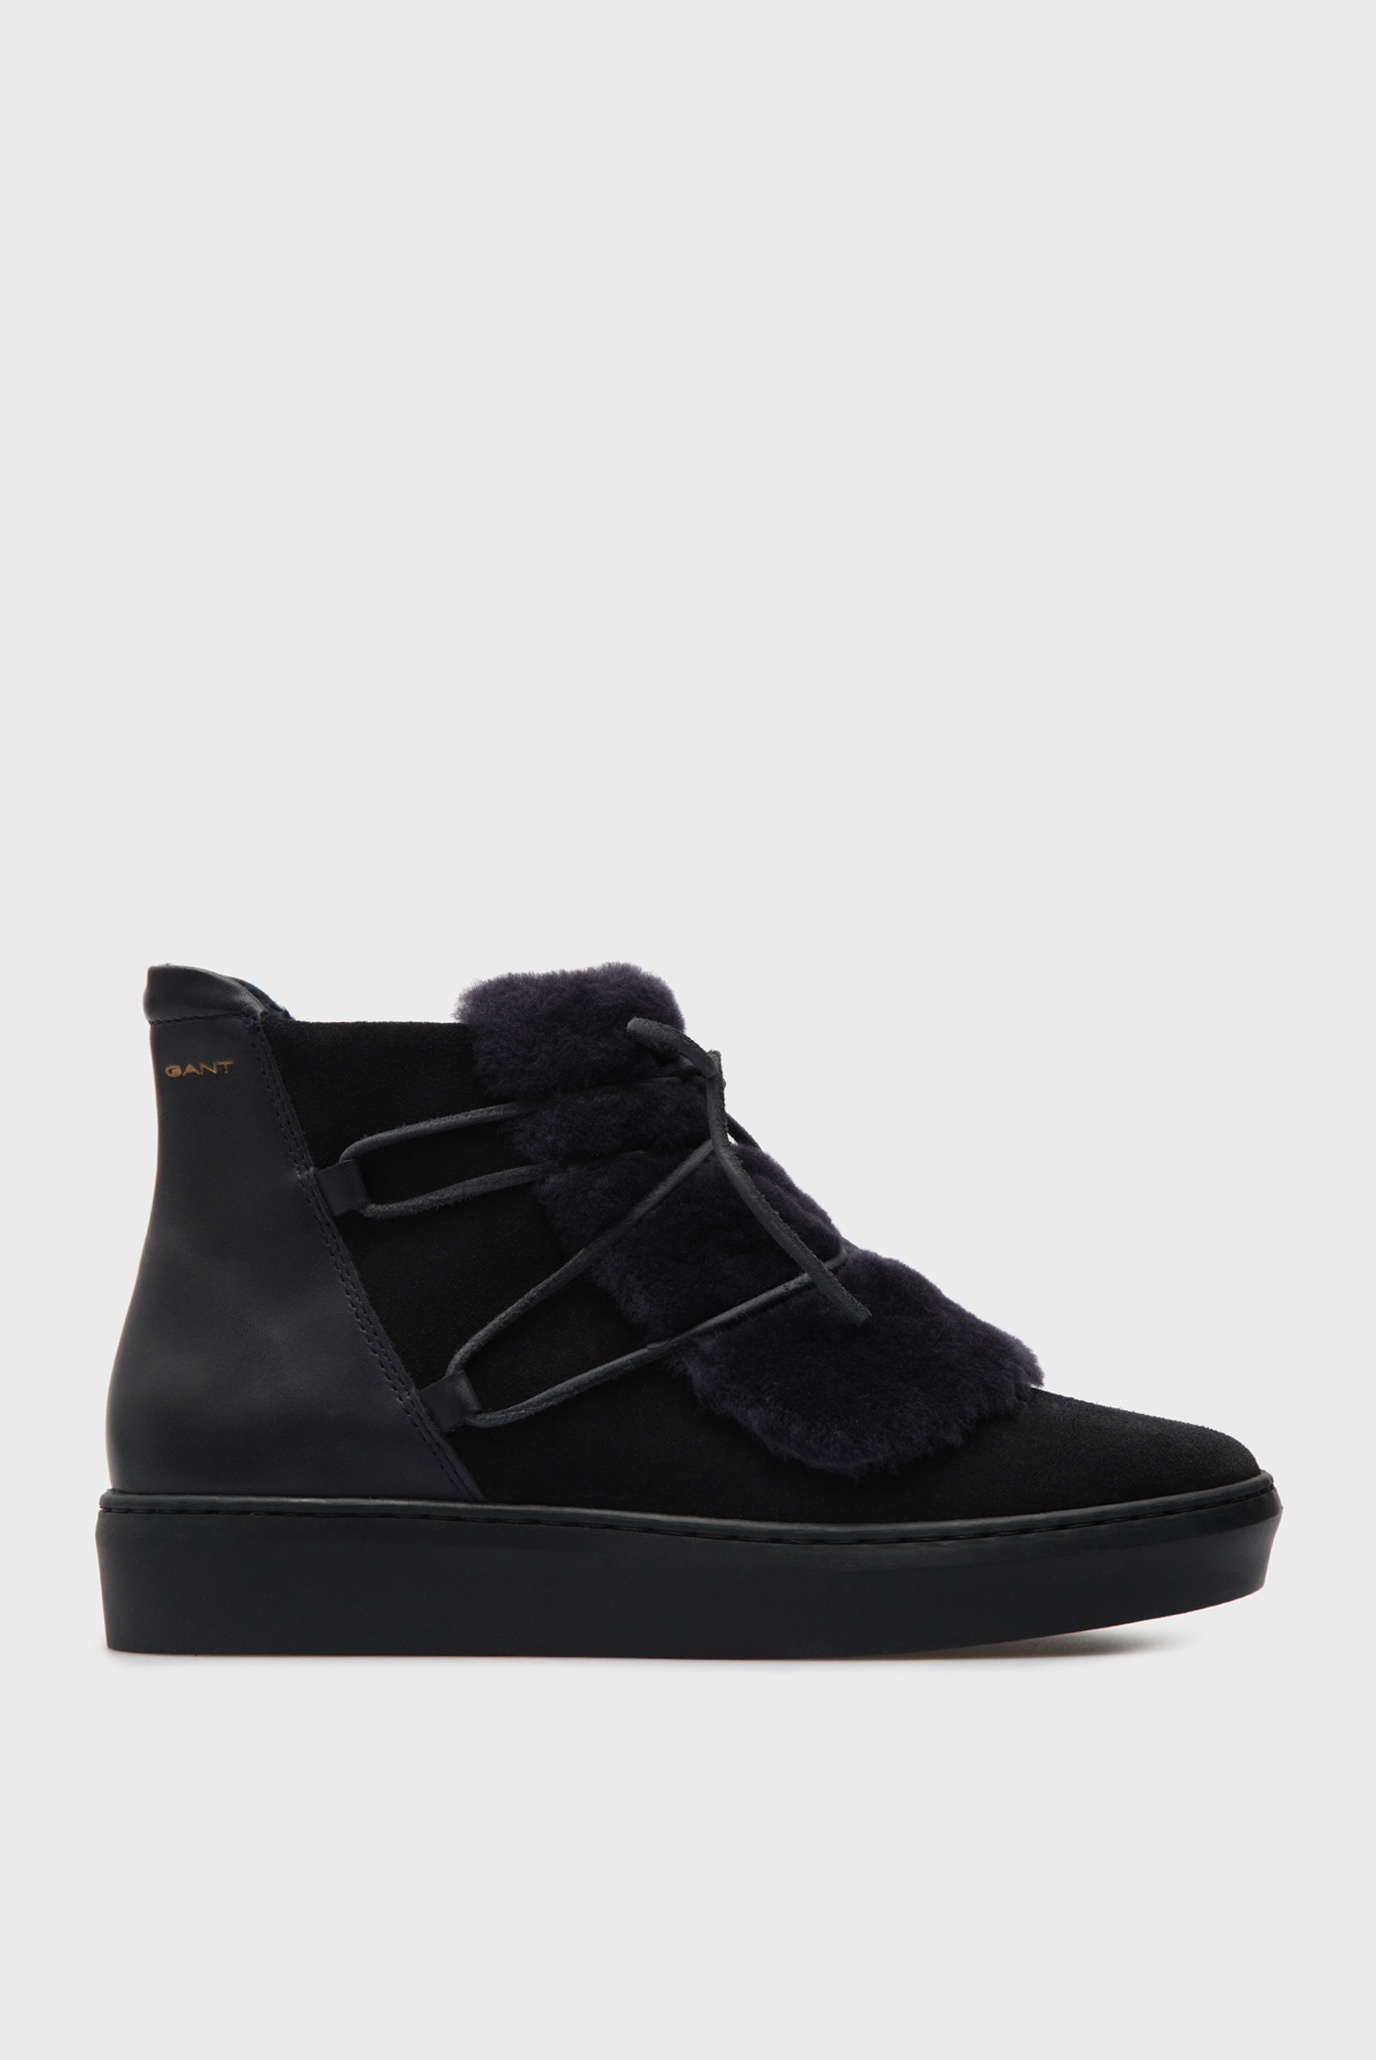 7a190e5d8 Купить Женские синие замшевые ботинки Gant Gant 15533089 – Киев, Украина.  Цены в интернет магазине MD Fashion